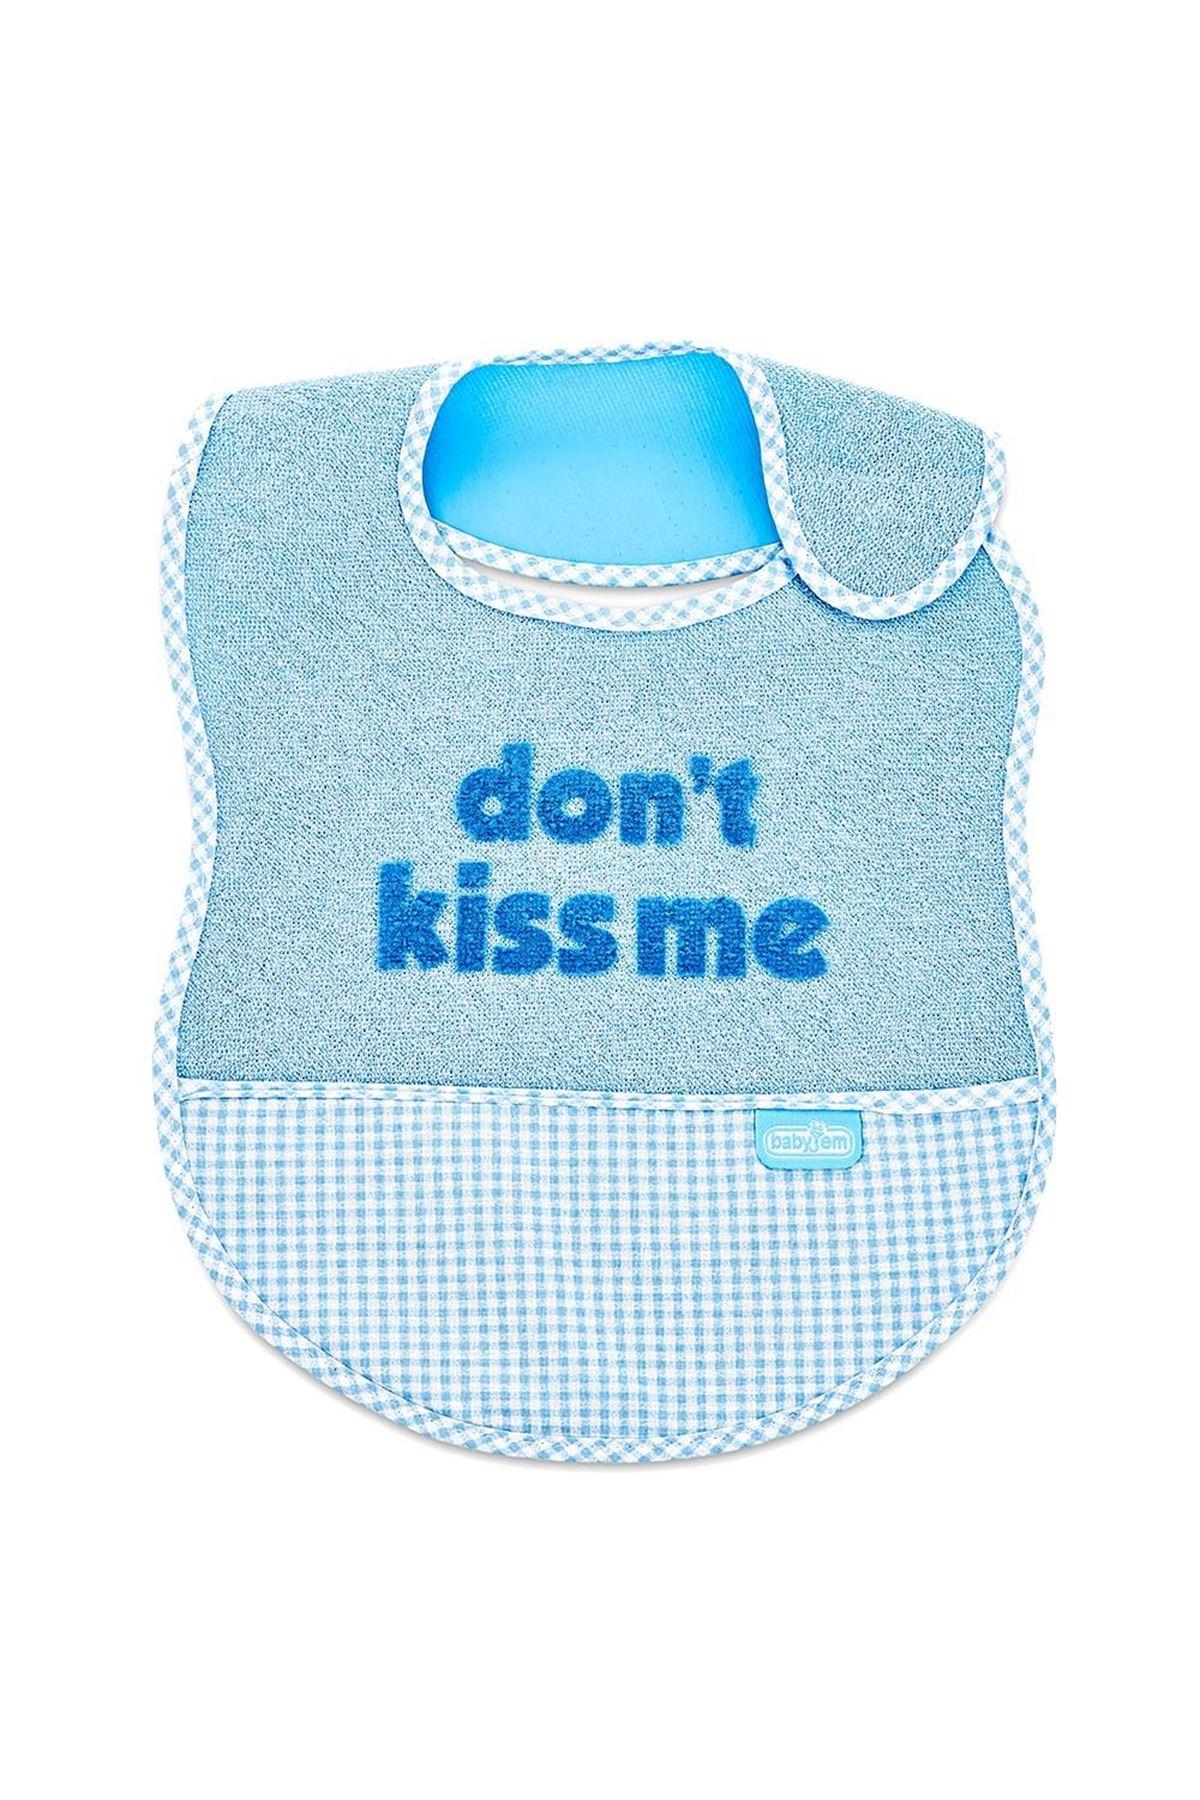 BabyJem Lüks Öpme Beni Mama Önlüğü 032 Mavi